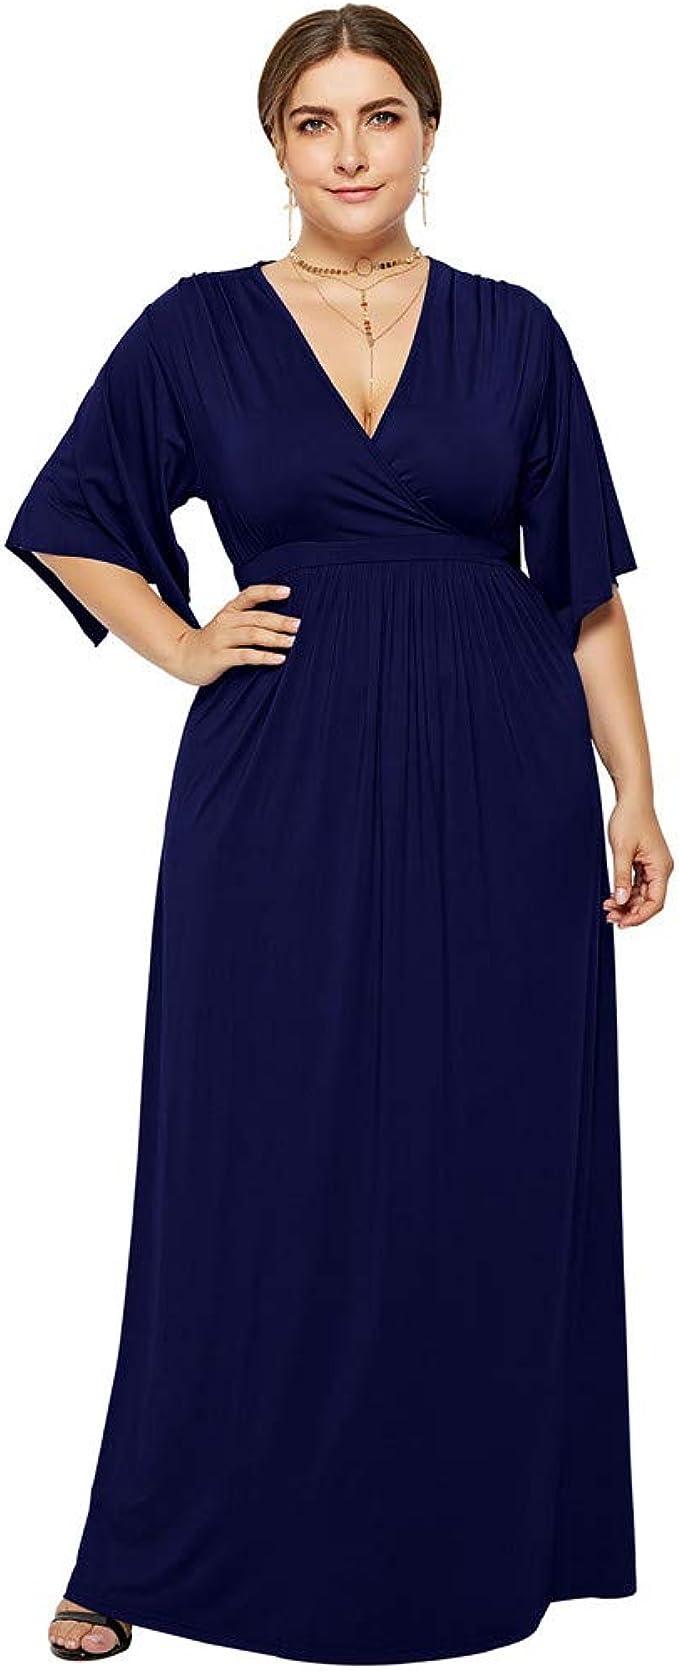 OverDose Boutique Abendkleid Partykleid für Damen, kostüme